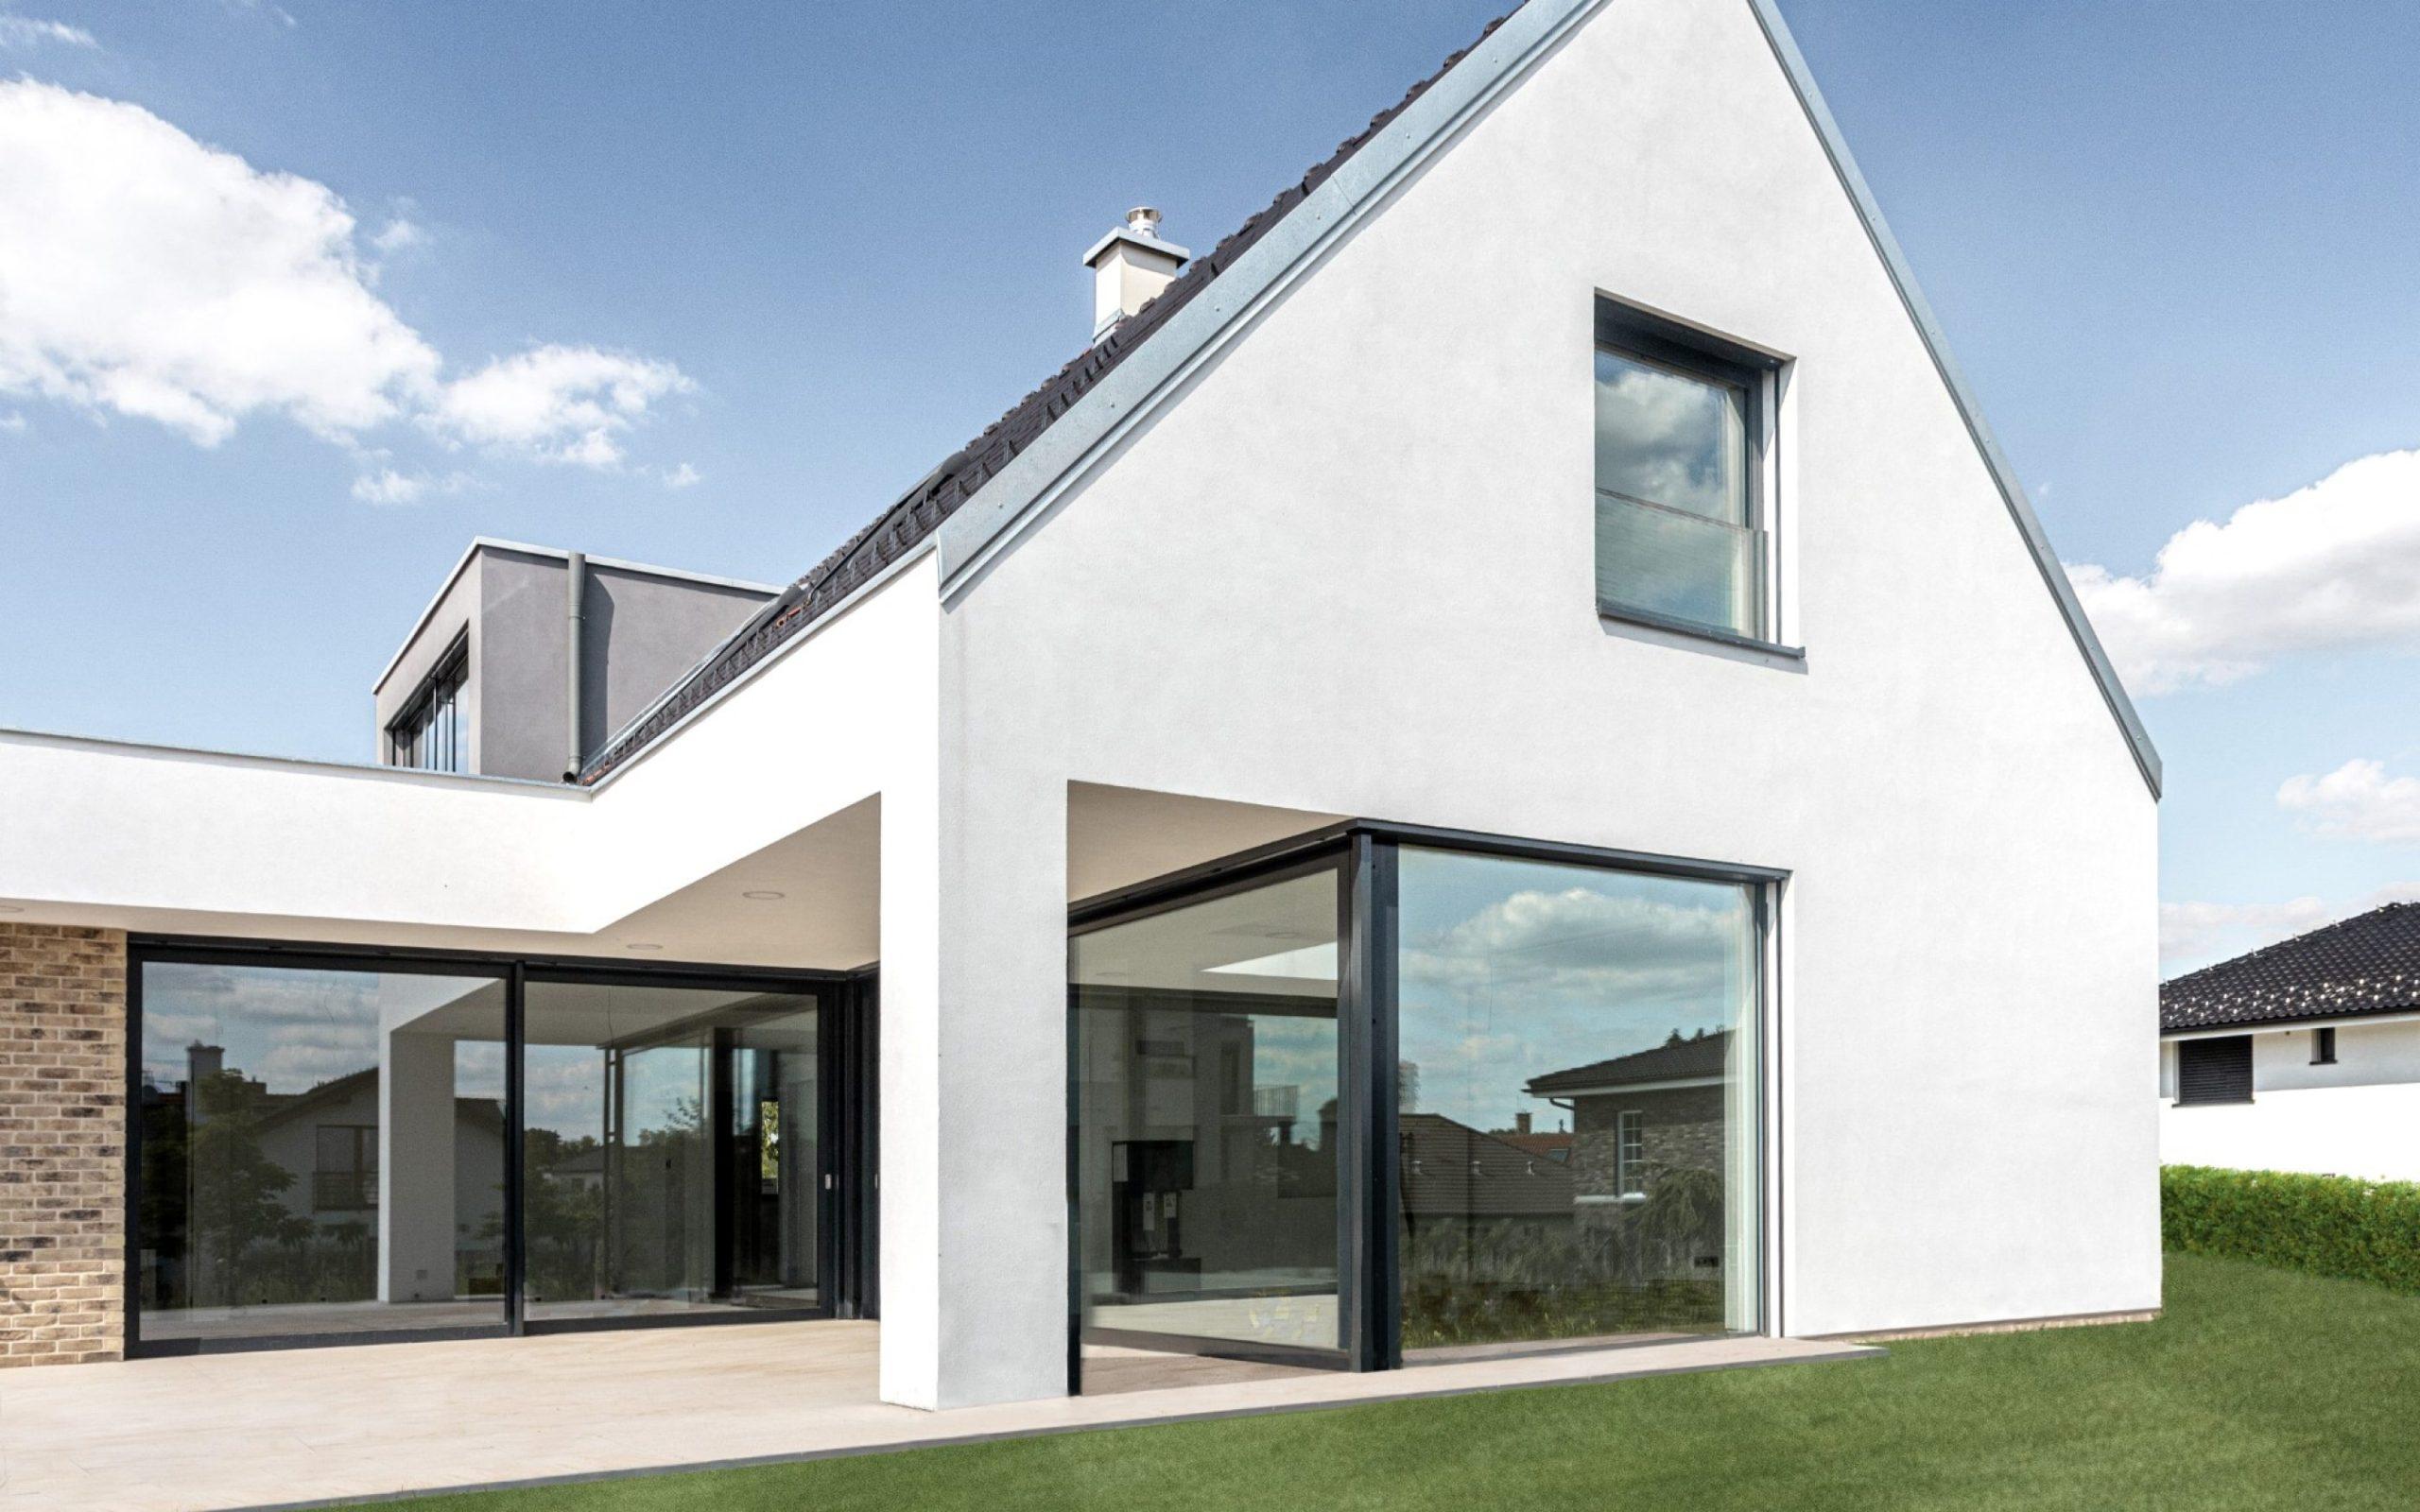 První vzorový e4 dům byl zkolaudován